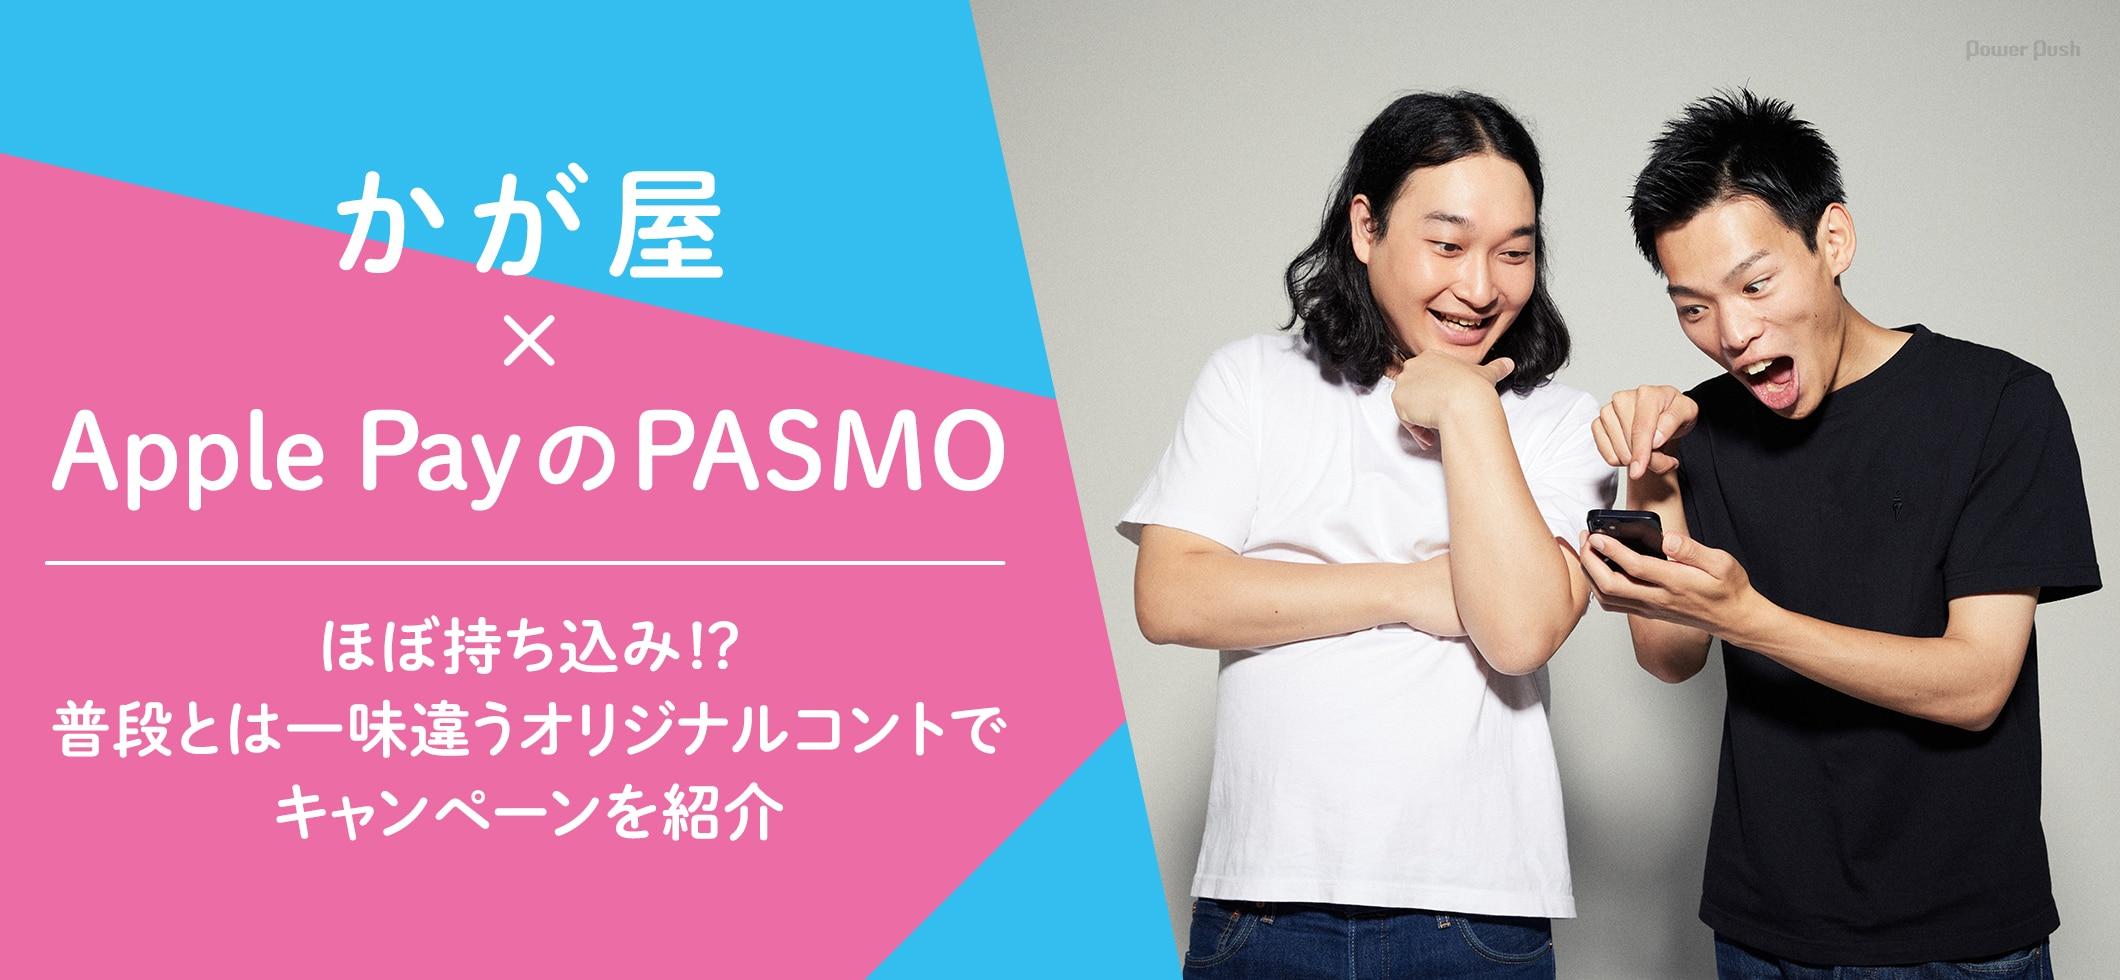 かが屋 × Apple PayのPASMO|ほぼ持ち込み!? 普段とは一味違うオリジナルコントでキャンペーンを紹介